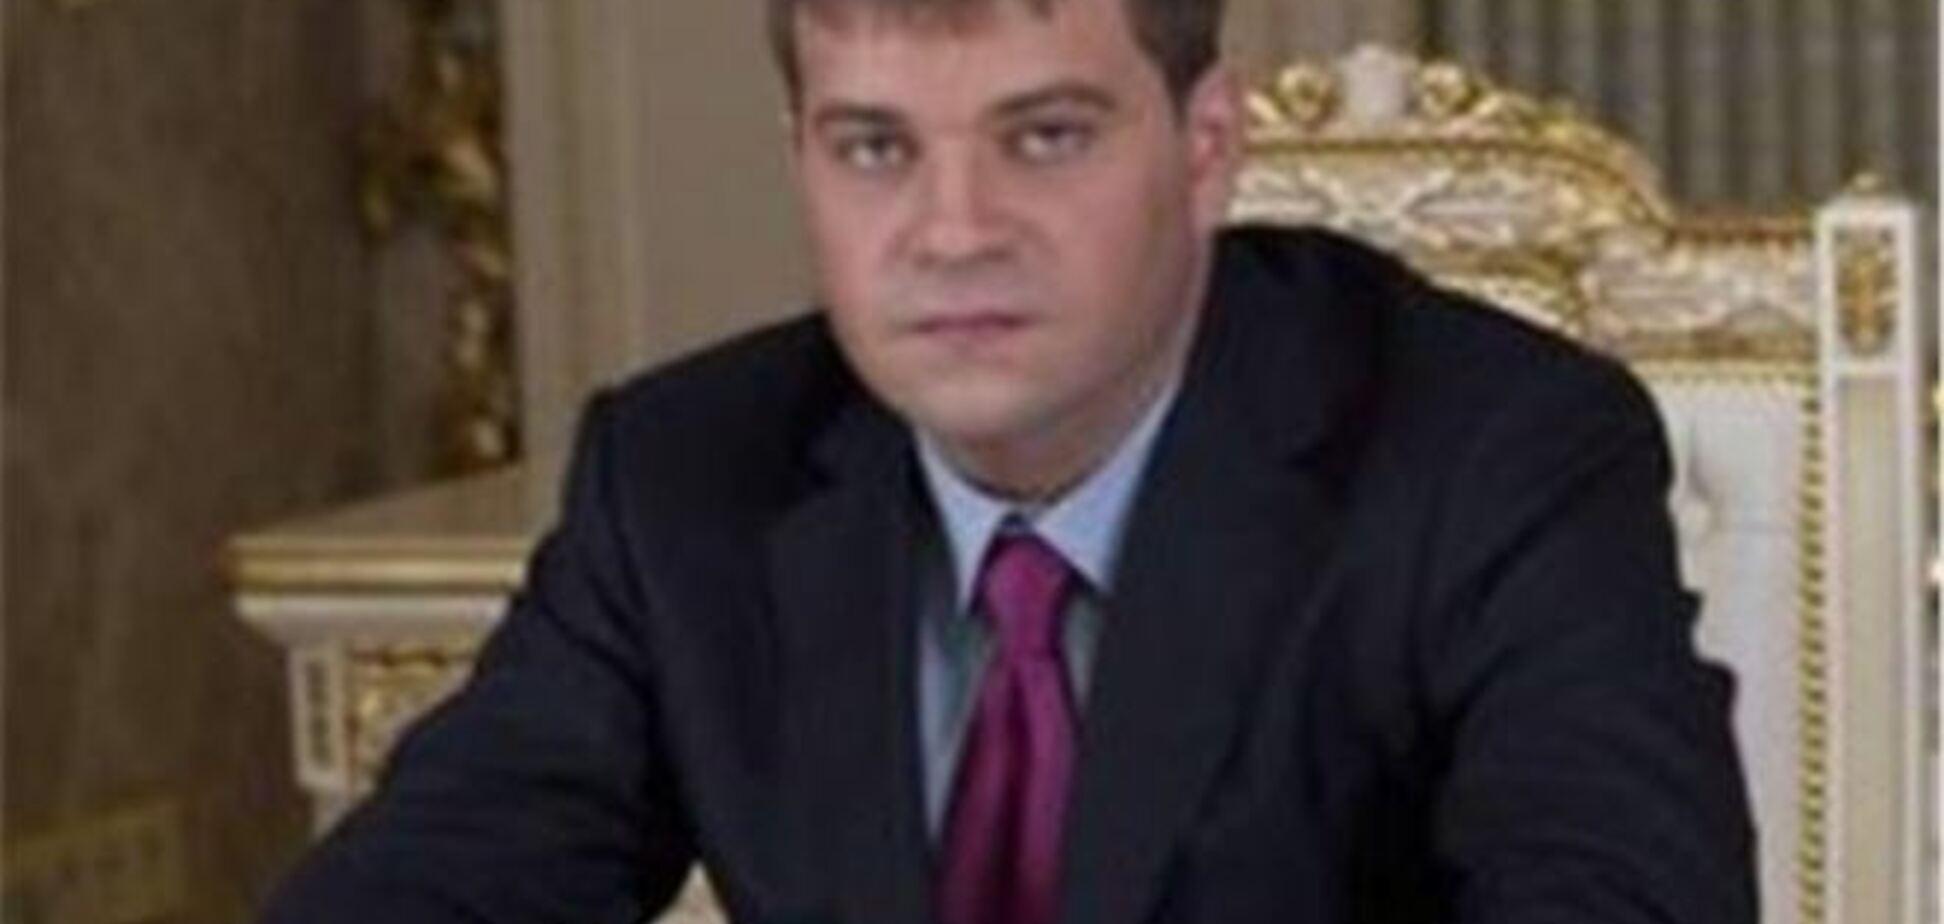 Затримання Анісімова: у Запоріжжі тріумфують бізнесмени